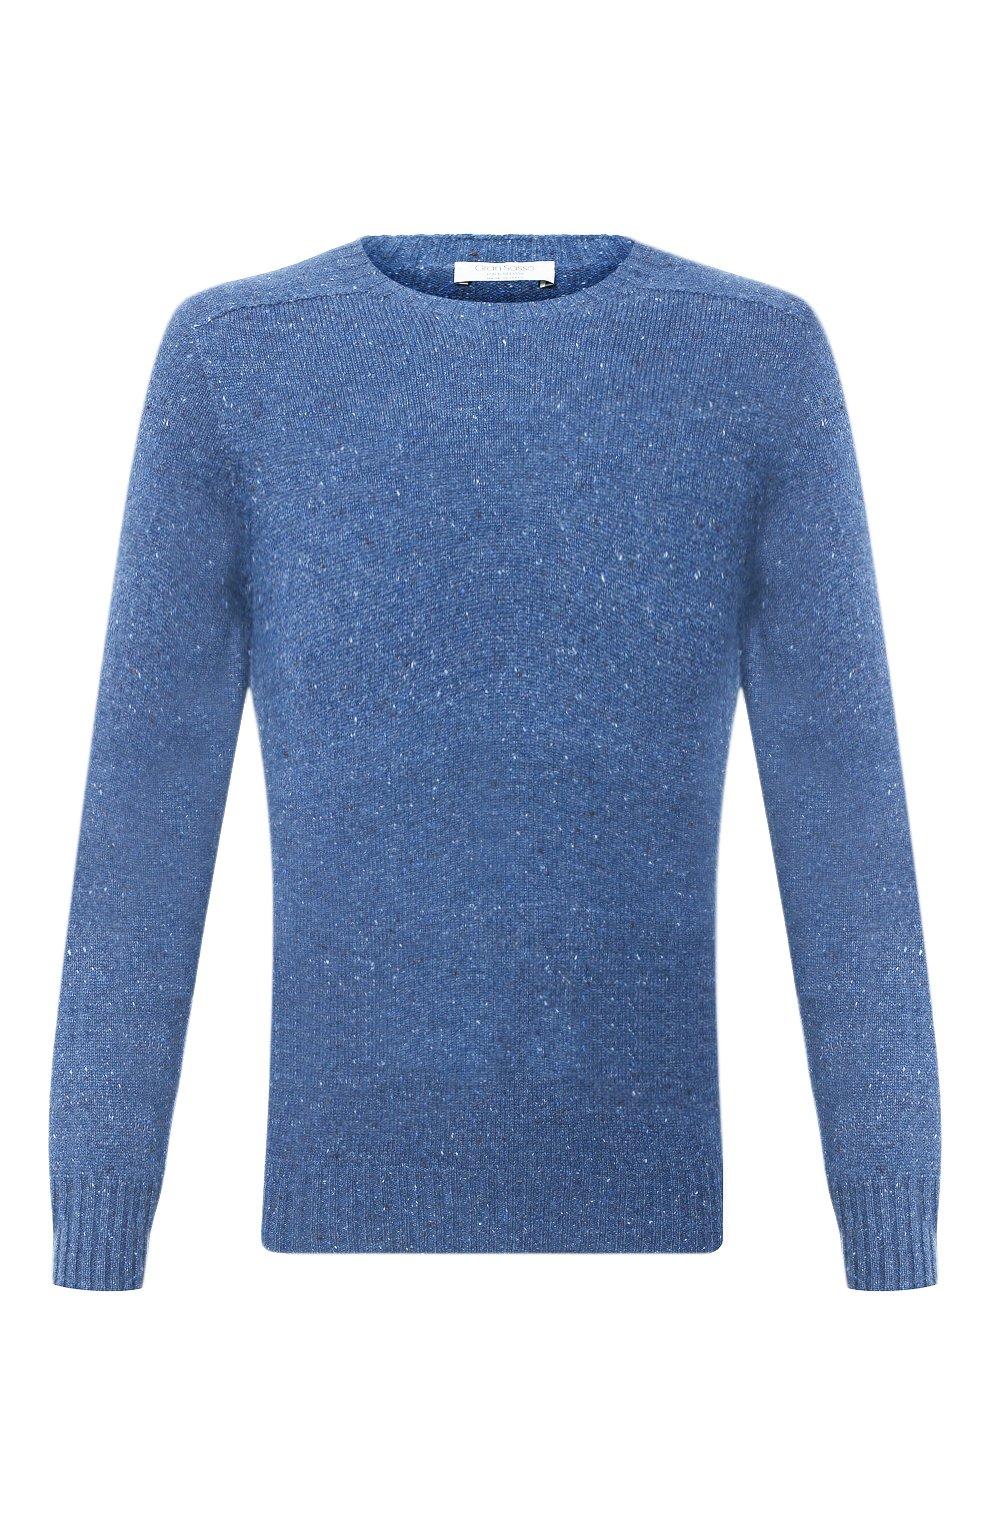 Мужской кашемировый свитер FEDELI синего цвета, арт. 3UI08095 | Фото 1 (Материал внешний: Шерсть; Рукава: Длинные; Принт: Без принта; Длина (для топов): Стандартные)